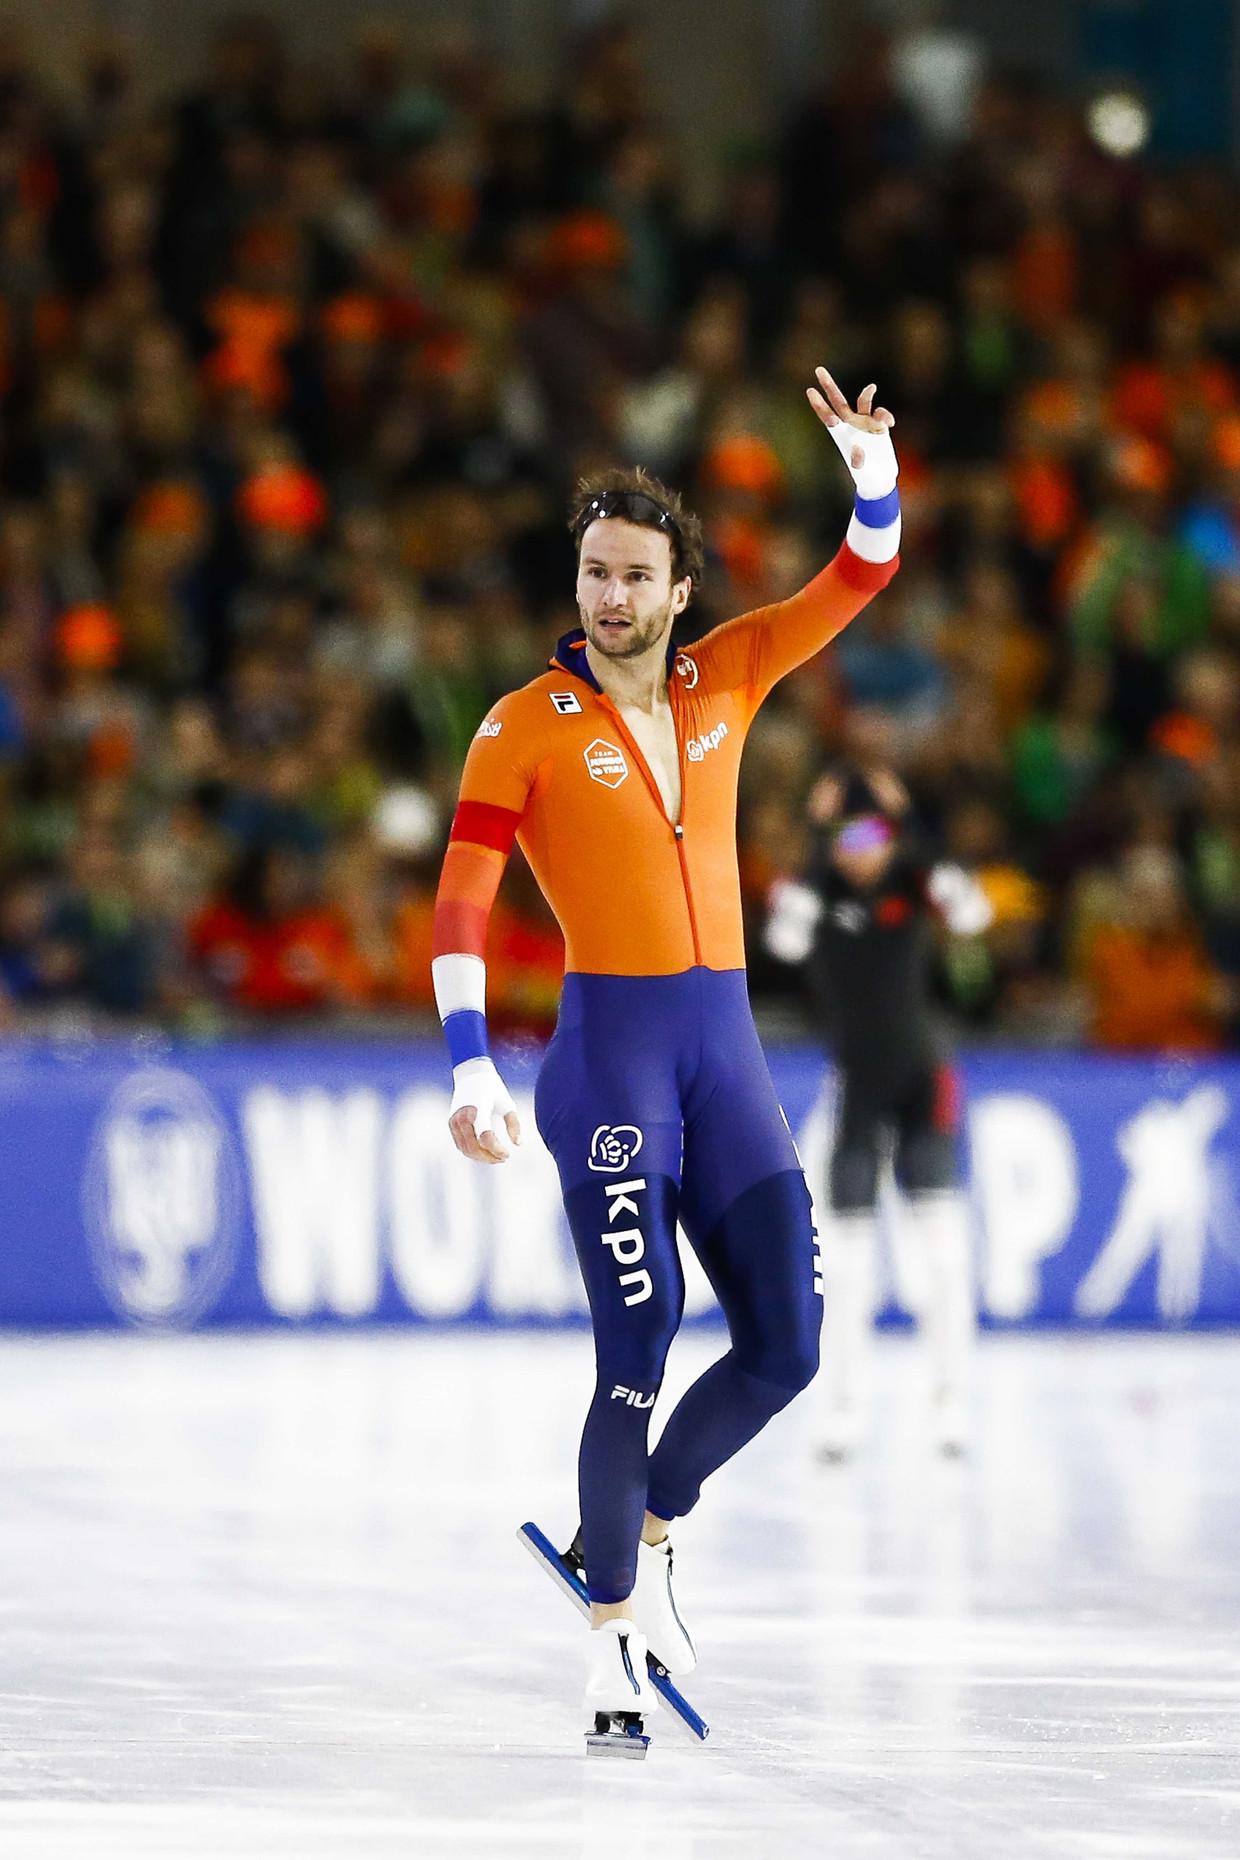 Thomas Krol juicht na het winnen van de 1000 meter.